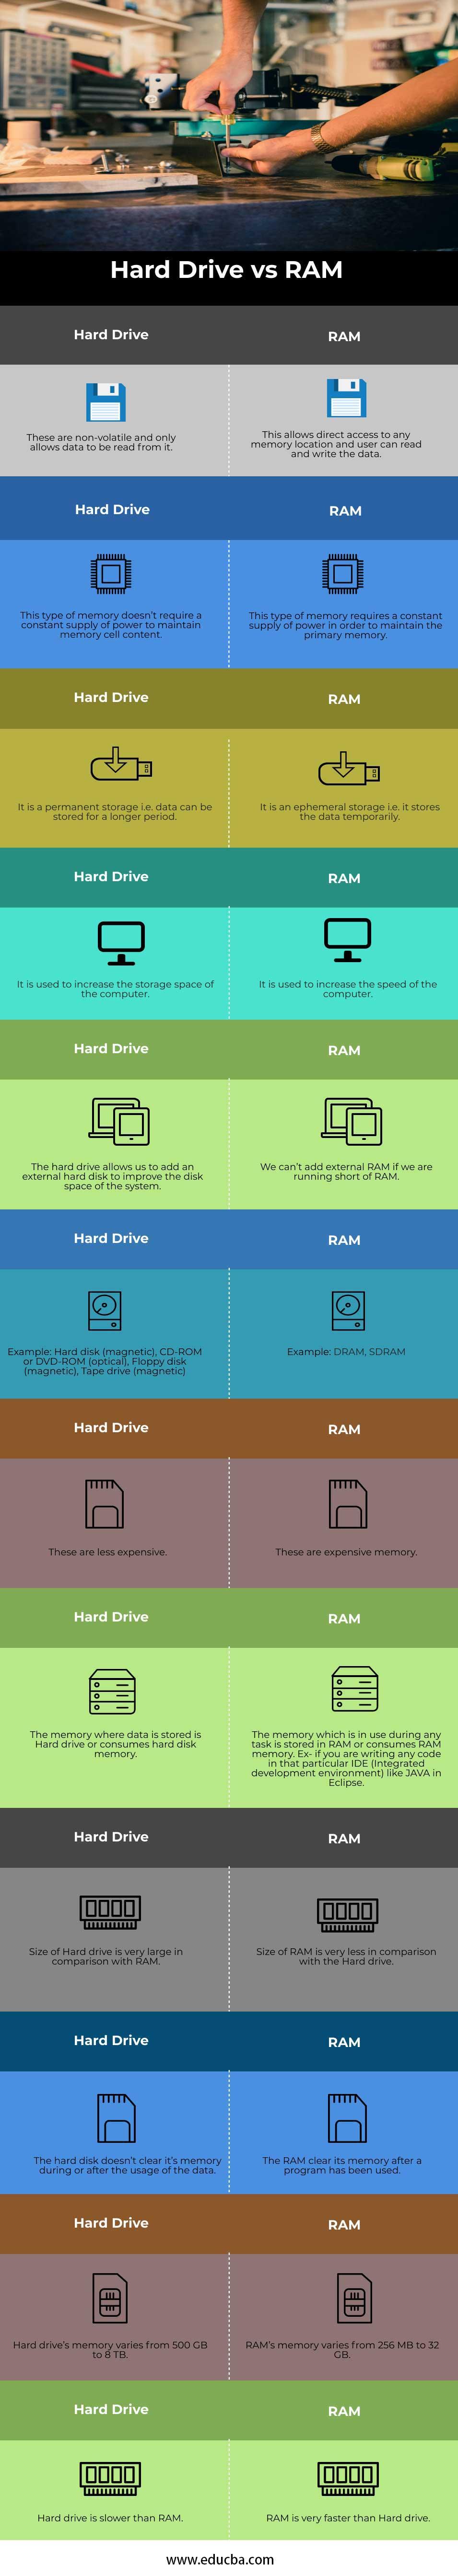 Hard-drive-vs-RAM-info